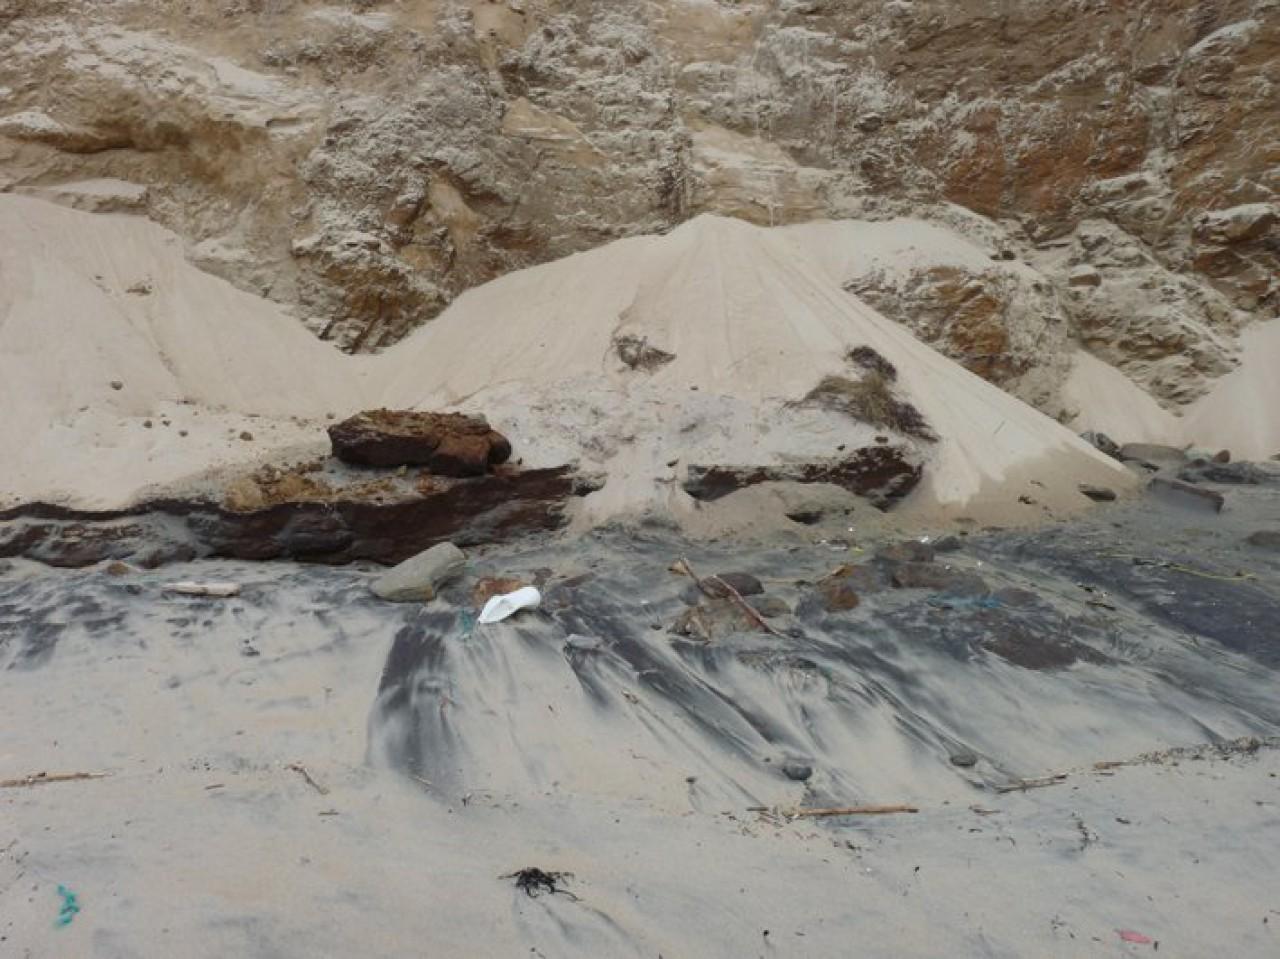 Sedimentos na Praia da Fragata (21.03.2014)